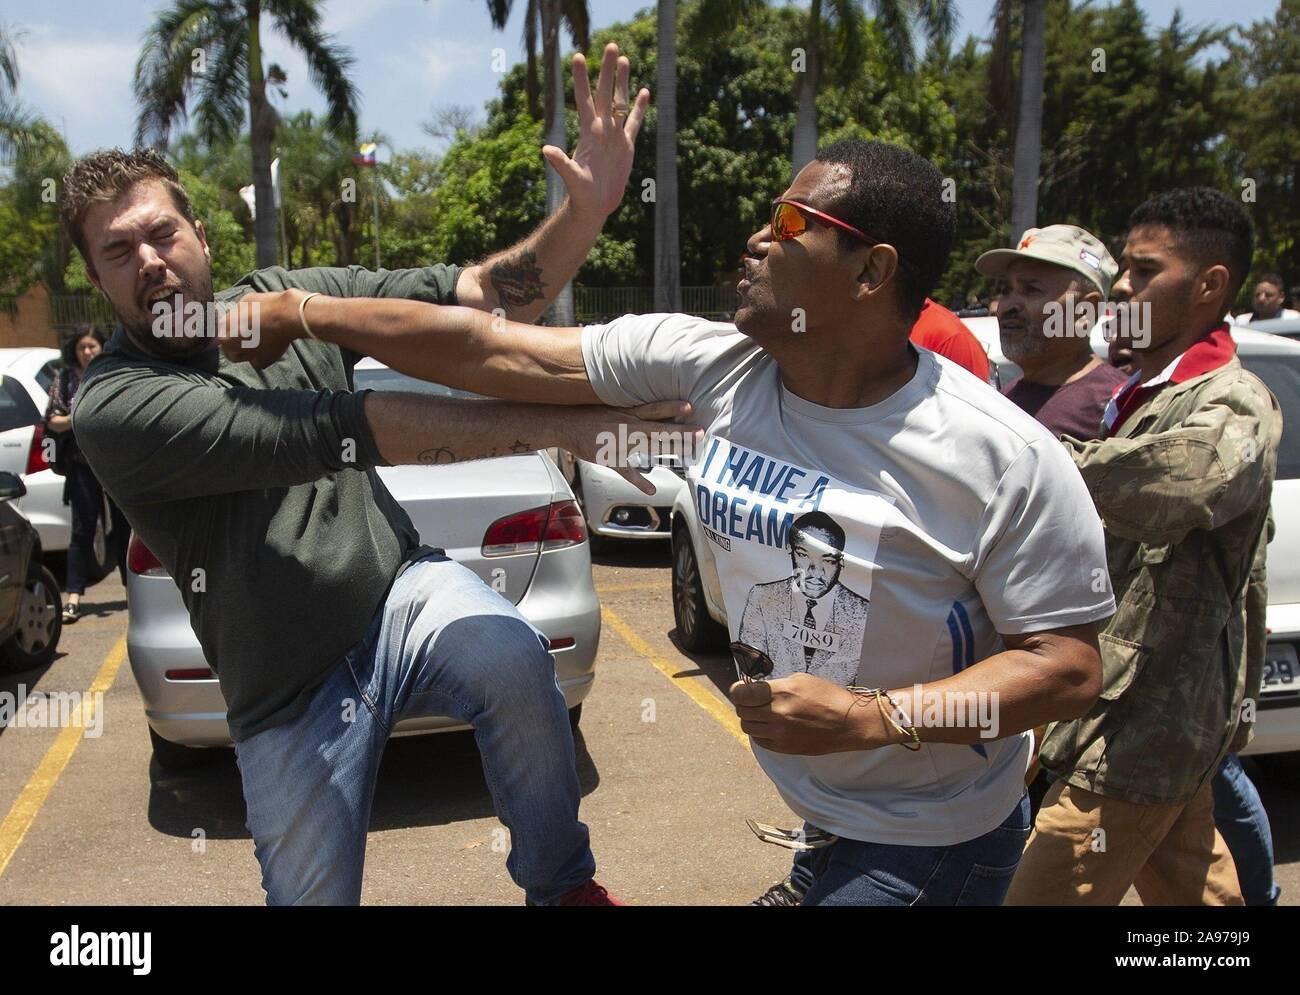 Brasilia, Brasile. Xiii Nov, 2019. I sostenitori del Presidente del Venezuela Nicolás Maduro lotta con i seguaci di Juan Guaido, capo dell'Assemblea nazionale del Venezuela e di auto-proclamato presidente in carica, come un gruppo di Guaido dei sostenitori di rimanere all'interno dell'Ambasciata venezuelana con l' intenzione di prendere in consegna, dopo diversi i funzionari venezuelani hanno ritirato il loro sostegno a Nicolás Maduro a Brasilia, Brasile, 13 novembre 2019. Credito: JOEDSON ALVES/EFE/Alamy Live News Foto Stock